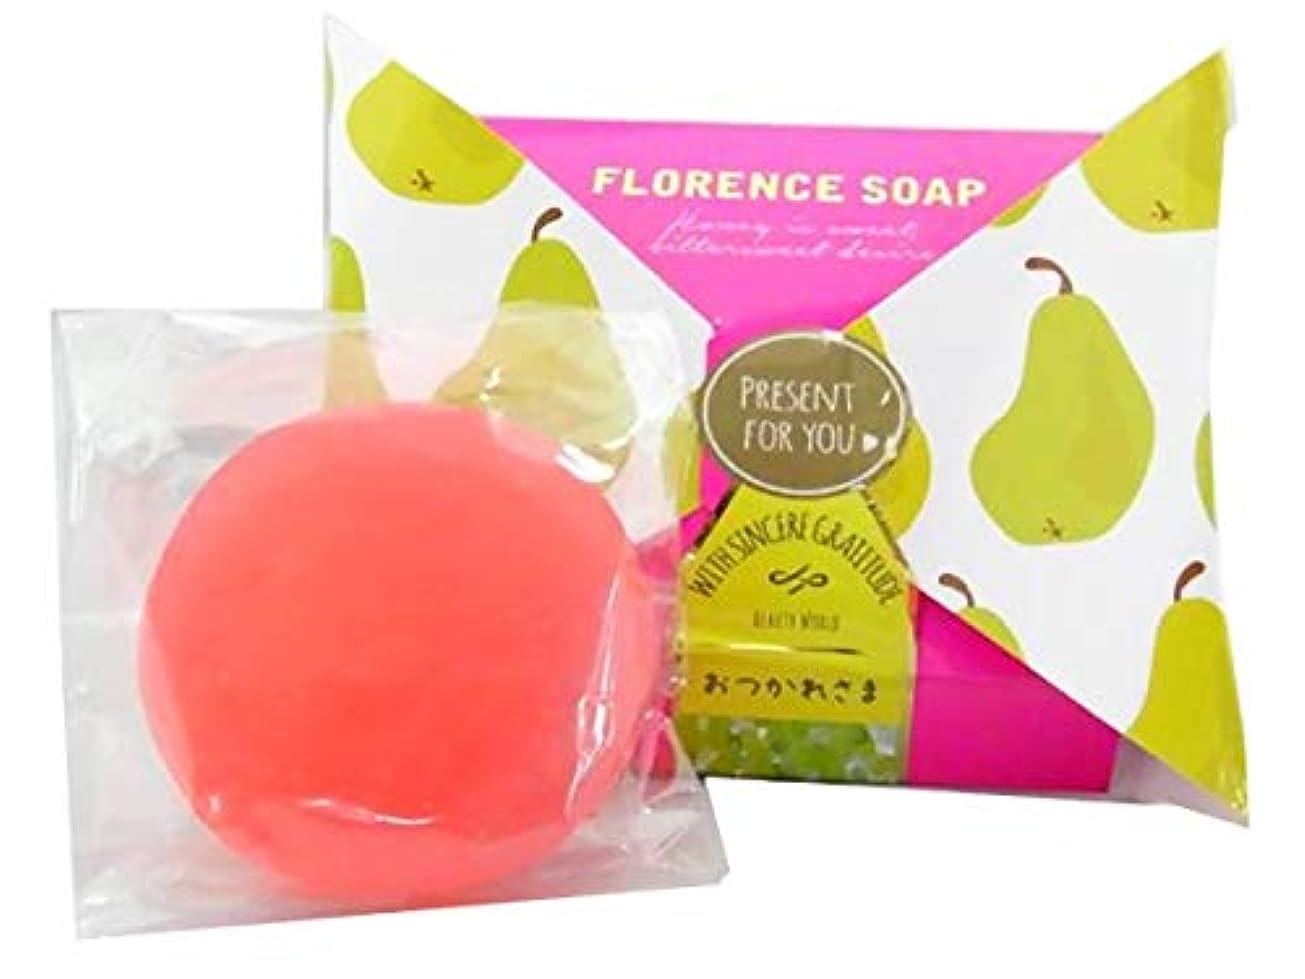 技術者平和的上院議員ビューティーワールド BWフローレンスの香り石けん リボンパッケージ 6個セット FSP386?蜜の甘く切ない願い